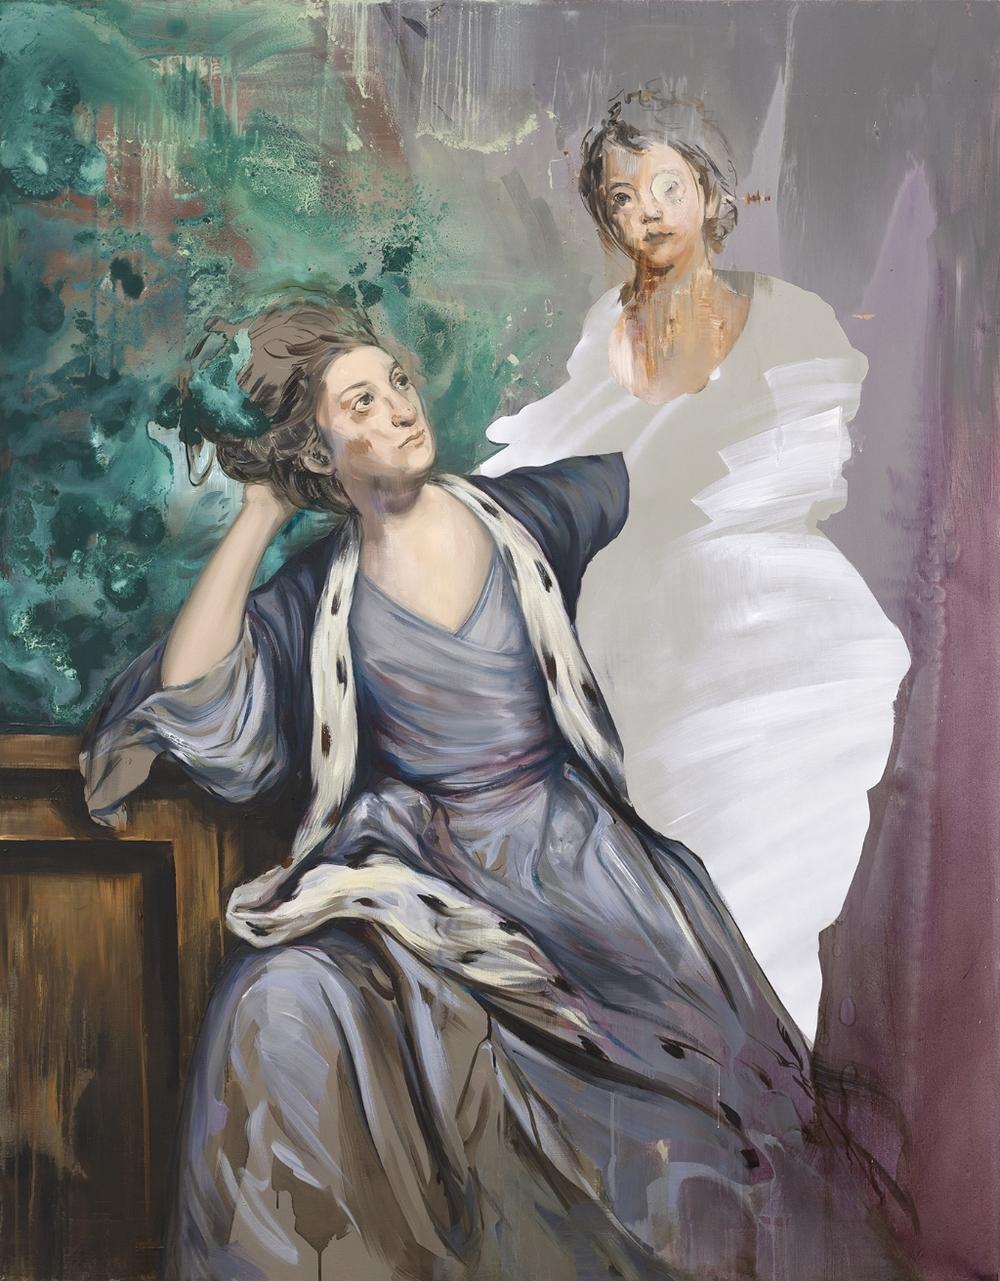 Ewa Juszkiewicz, Untitled (after Sir Joshua Reynolds), 2015, oil on canvas, 160в125 cm